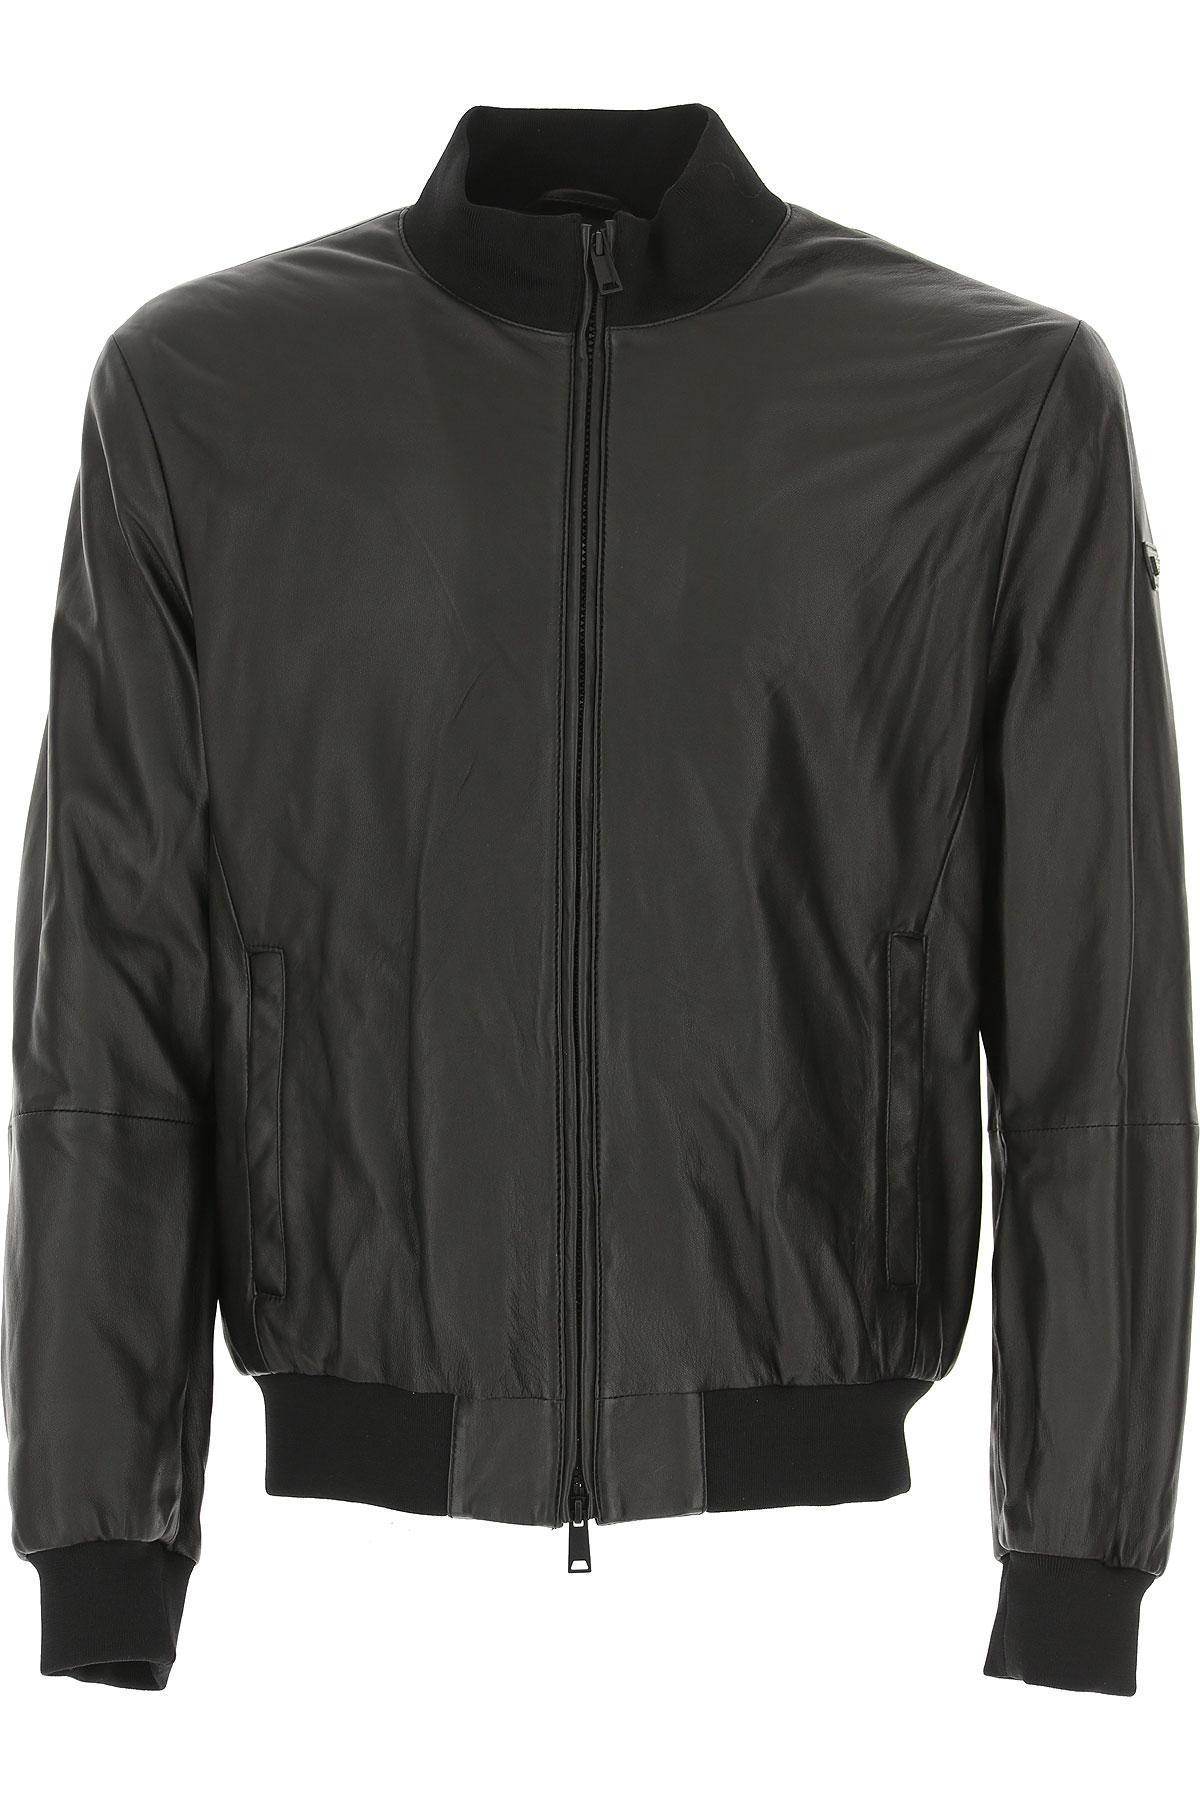 エンポリオ・アルマーニ レザージャケット男性用 メンズ, 黒, ラムレザー, 2017, L M S XL